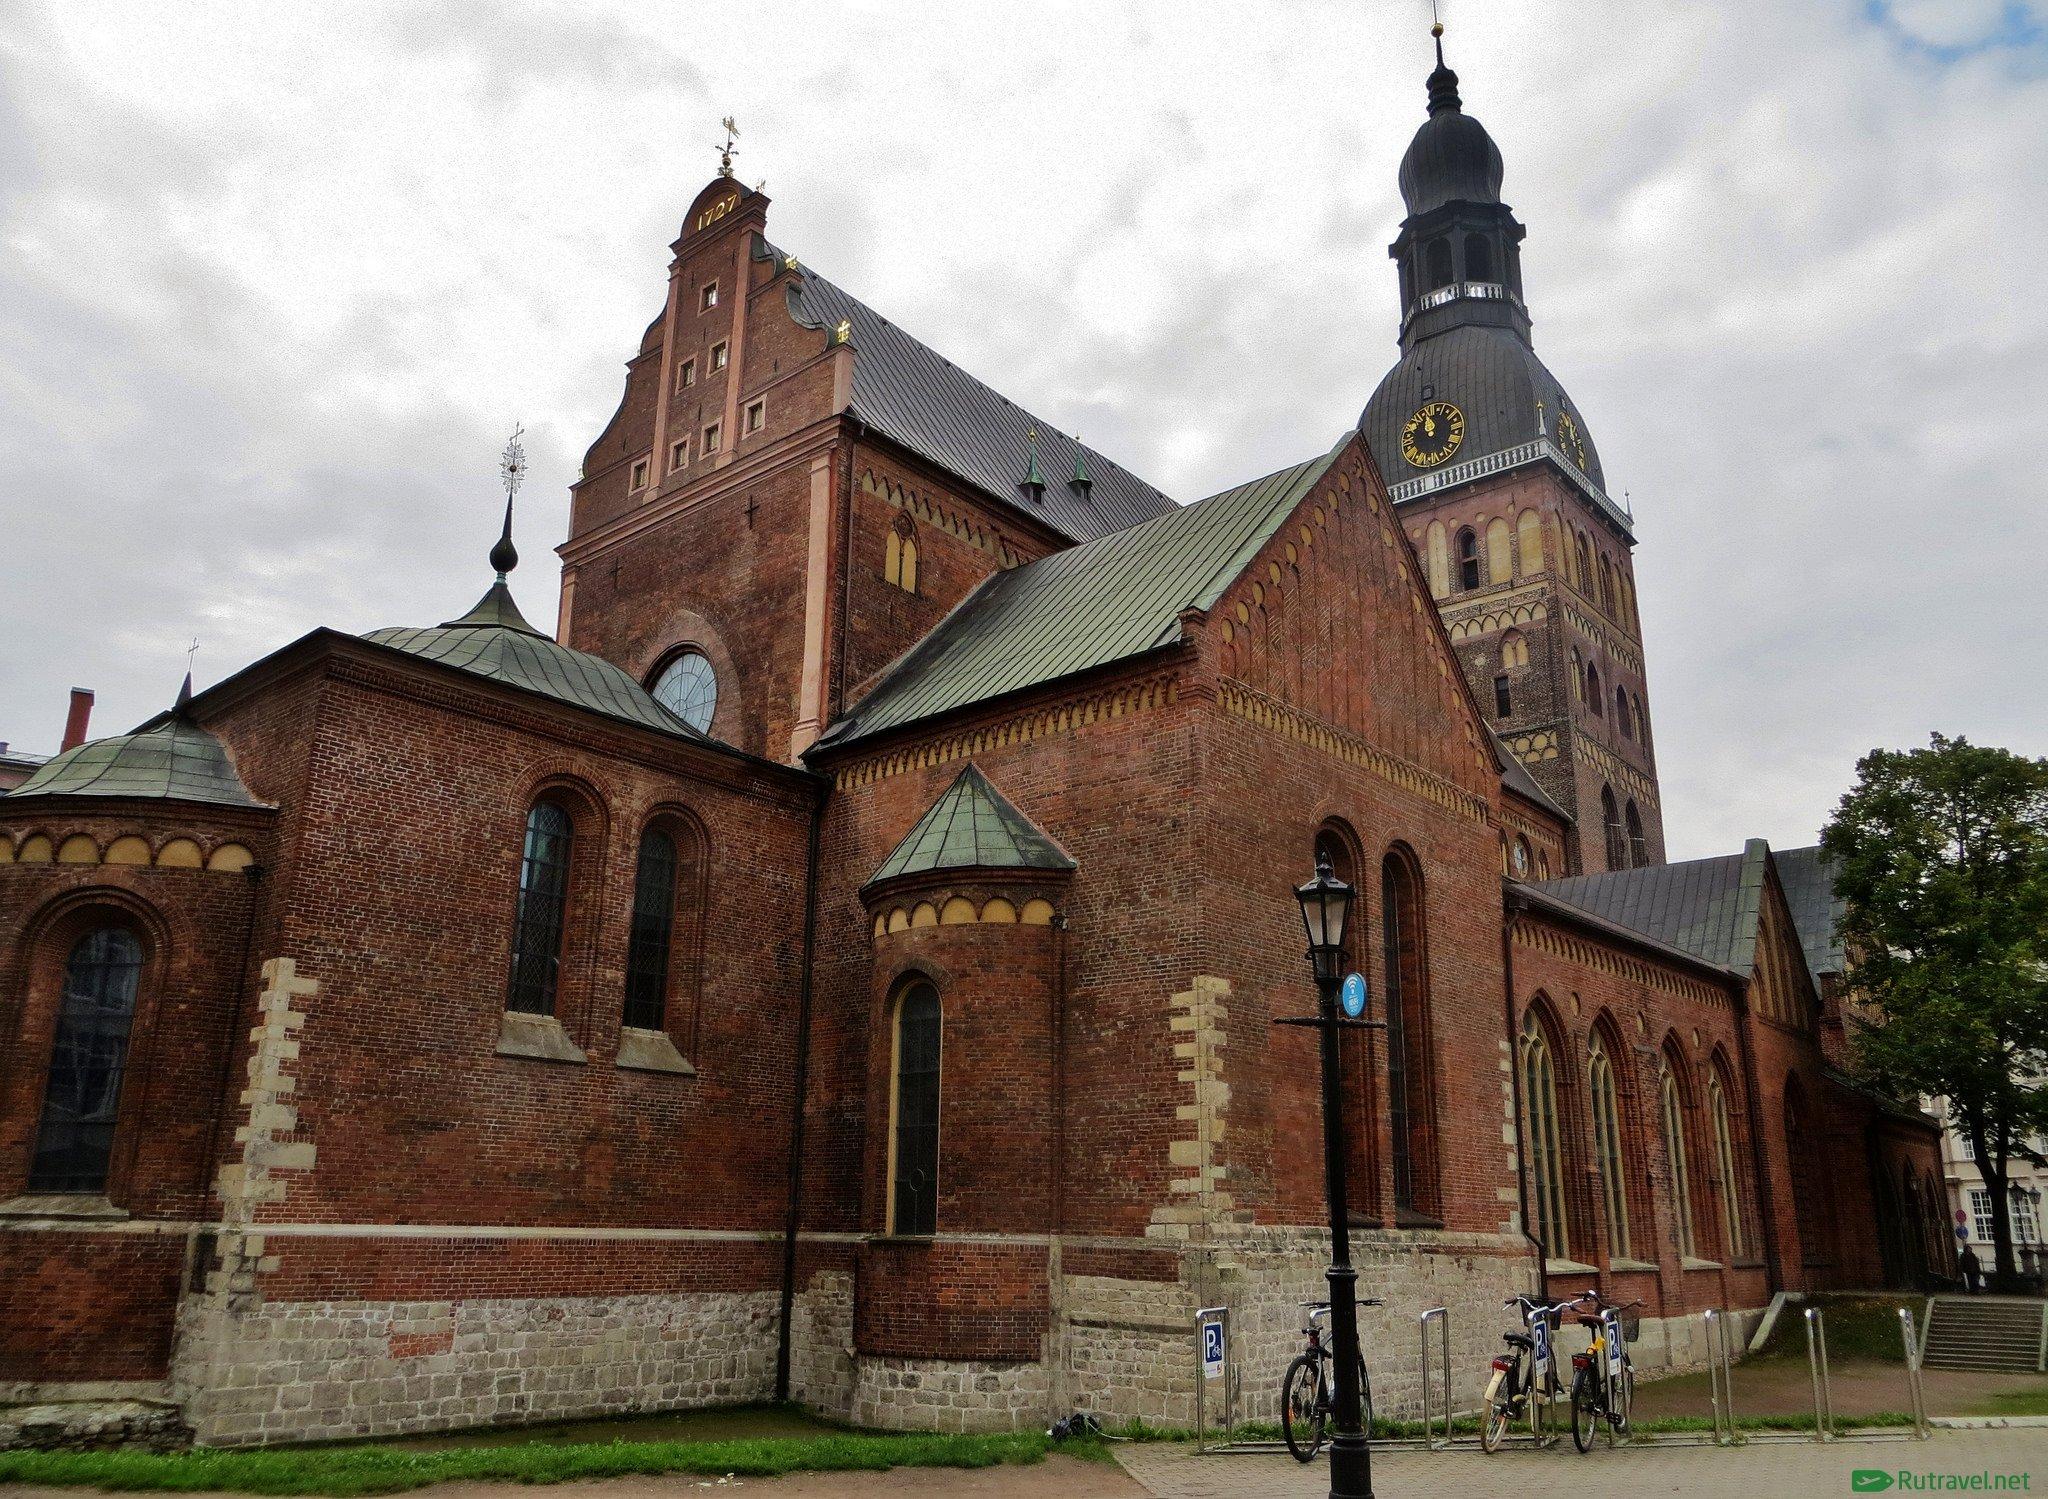 Домский собор в Риге - фото собора, режим работы, билеты в ...: http://rutravel.net/345-domskiy-sobor-v-rige.html